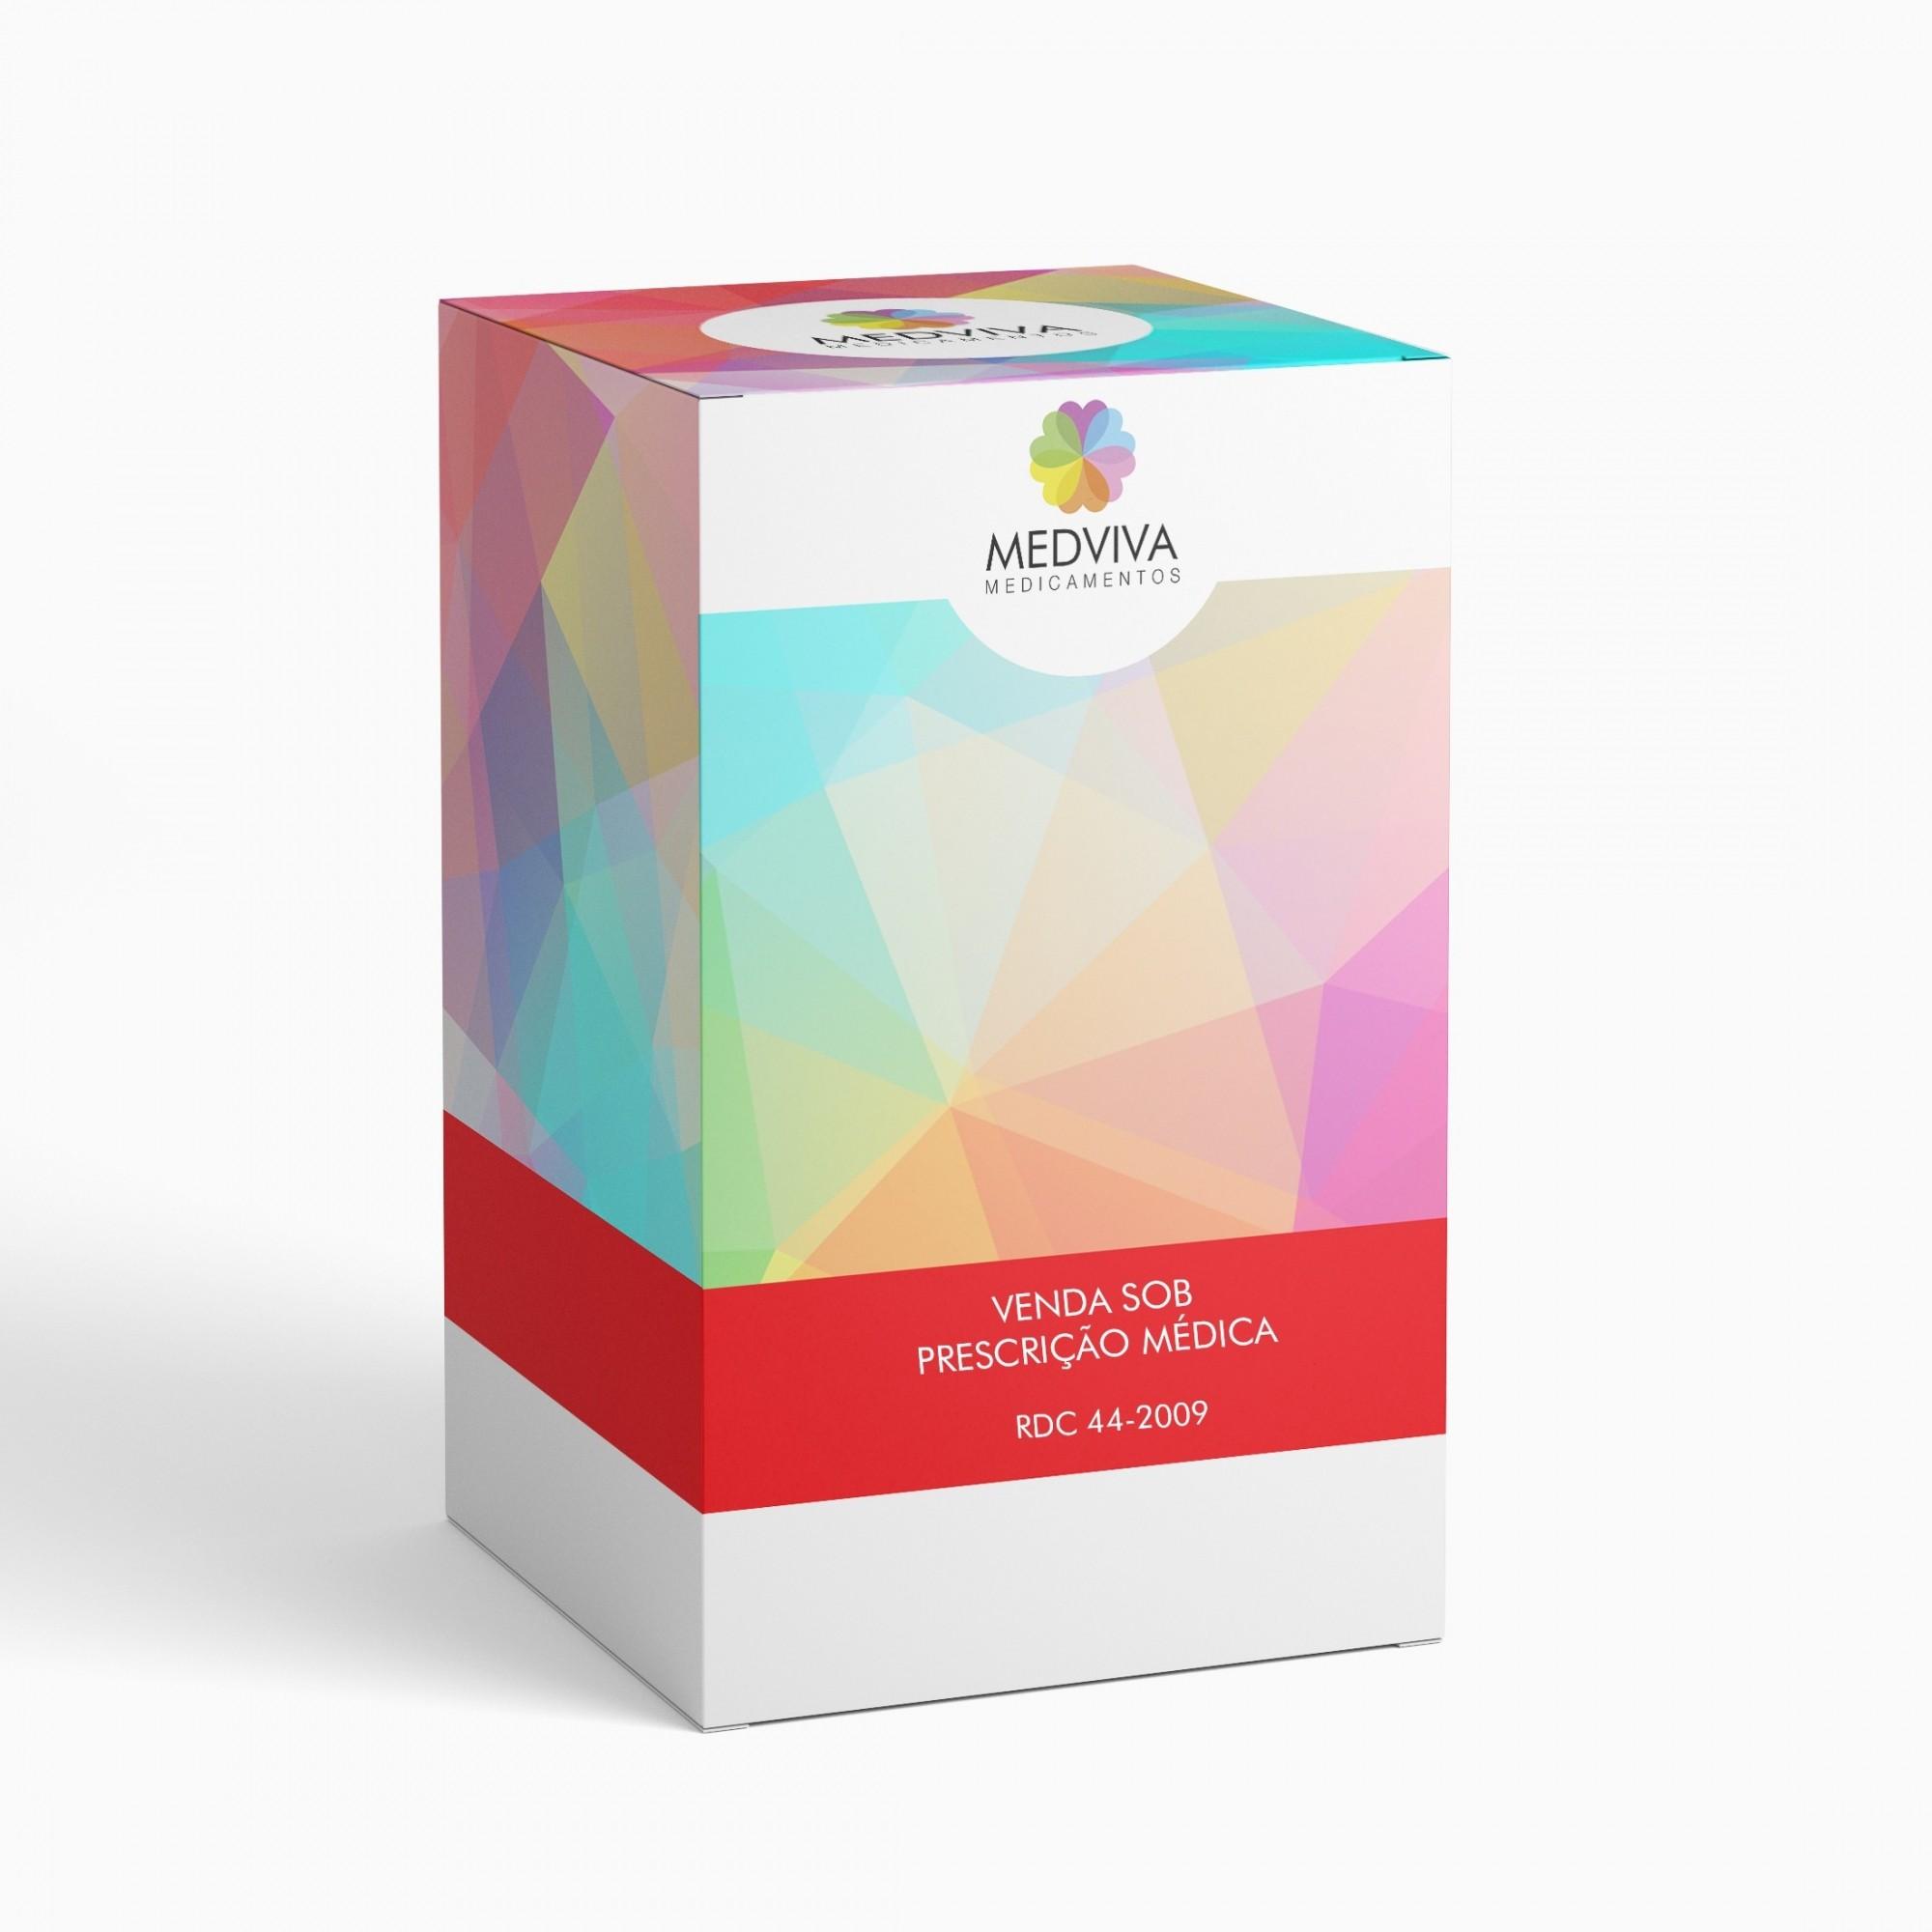 Besilato De Anlodipino 10mg 30 Comprimidos Novartis